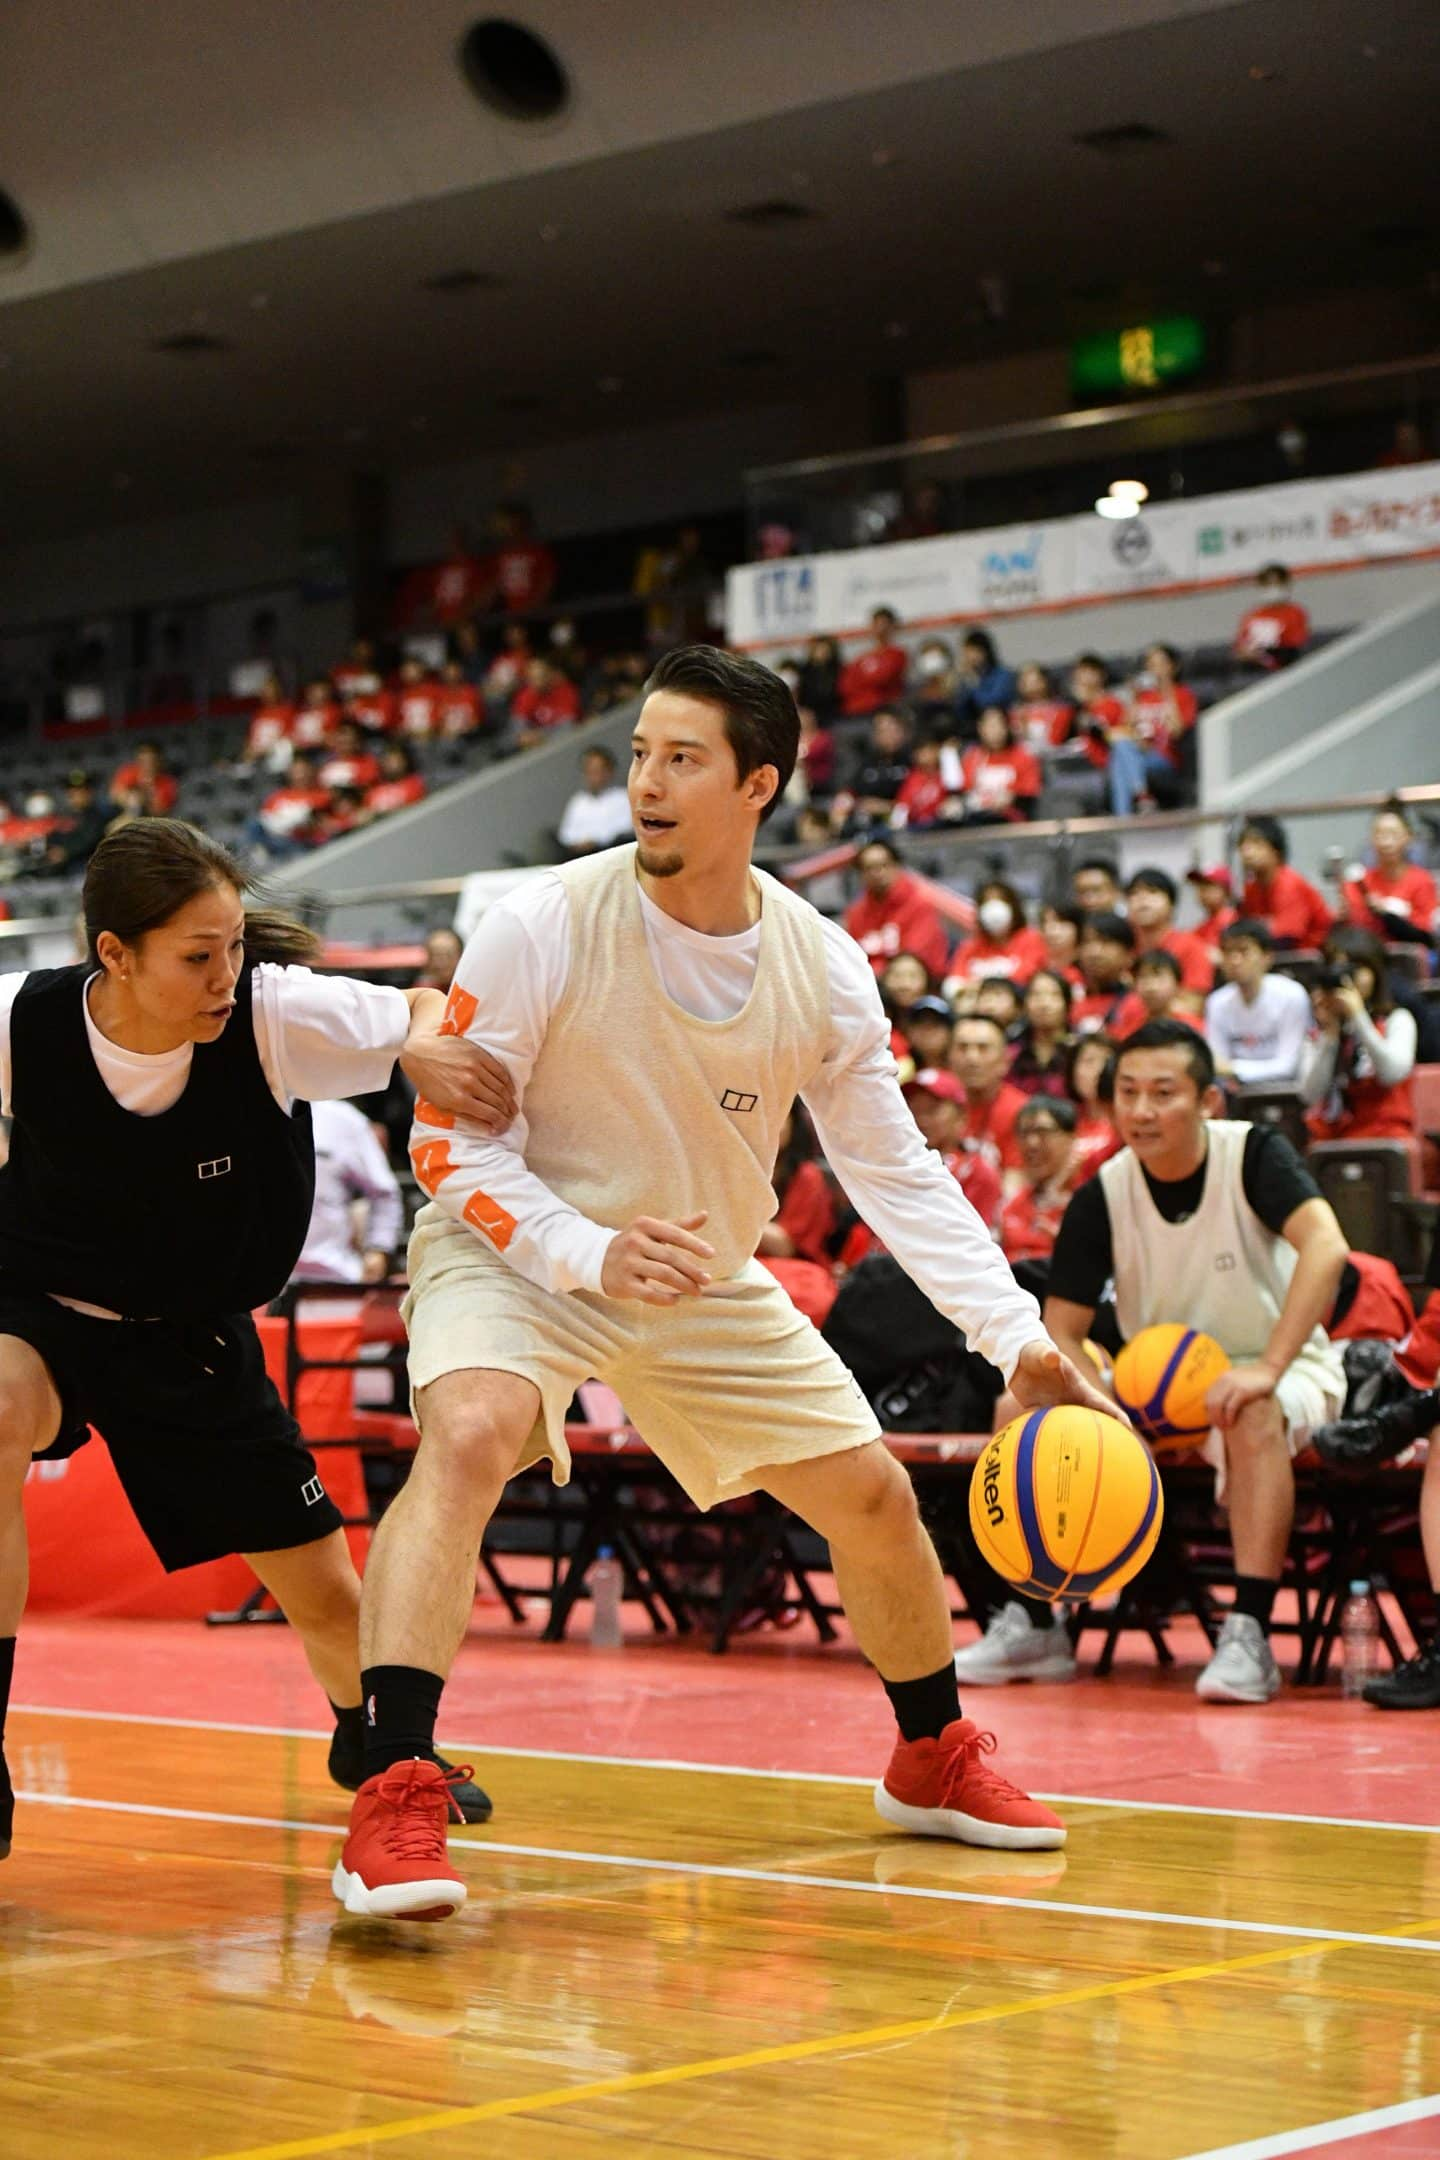 3×3ってどんなスポーツ? 6月から開催される3人制バスケ『3x3.EXE PREMIER』をご紹介